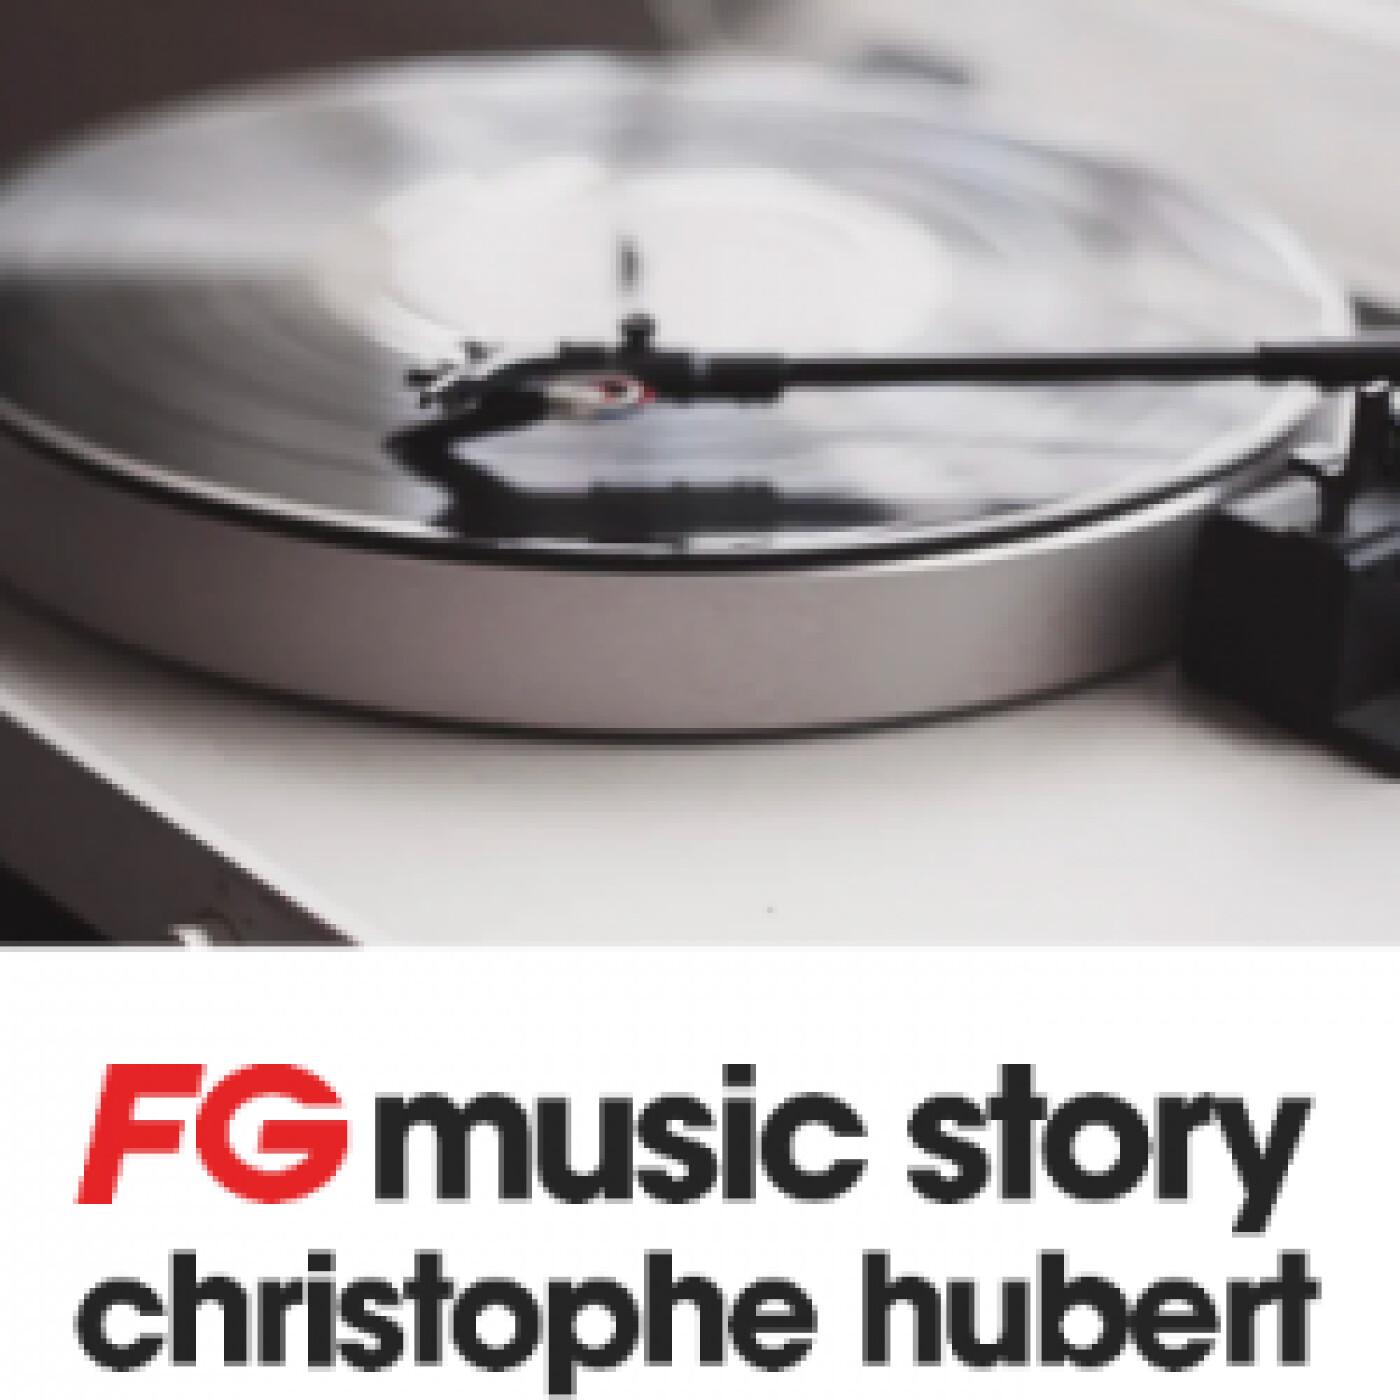 FG MUSIC STORY : INNER CITY